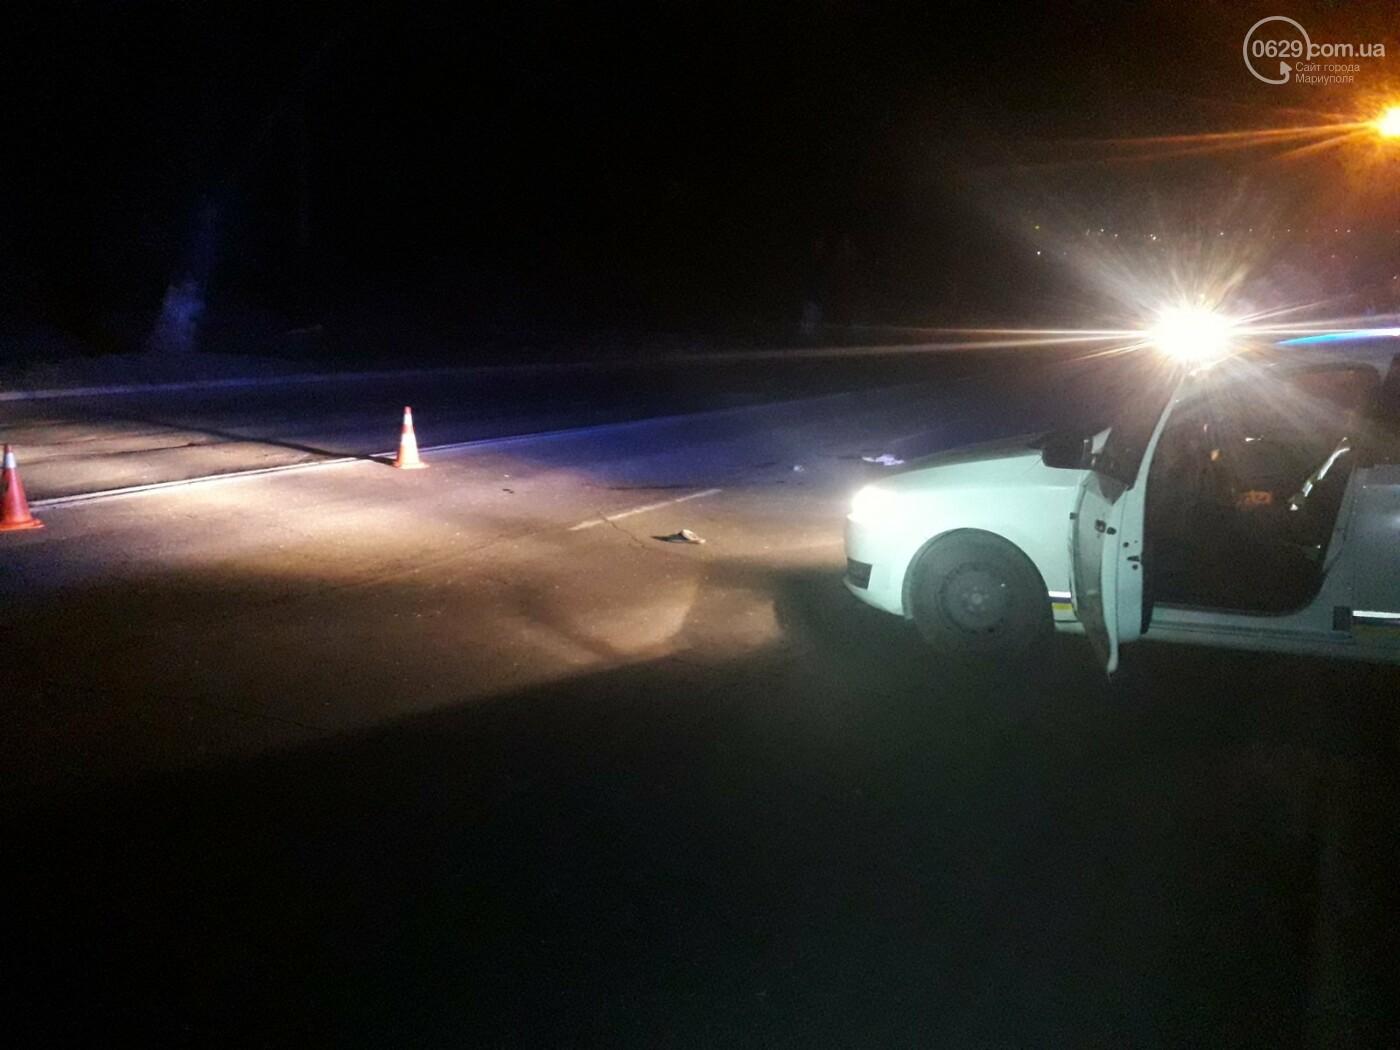 В Мариуполе водитель авто сбил женщину и скрылся с места аварии, - ФОТО, фото-3